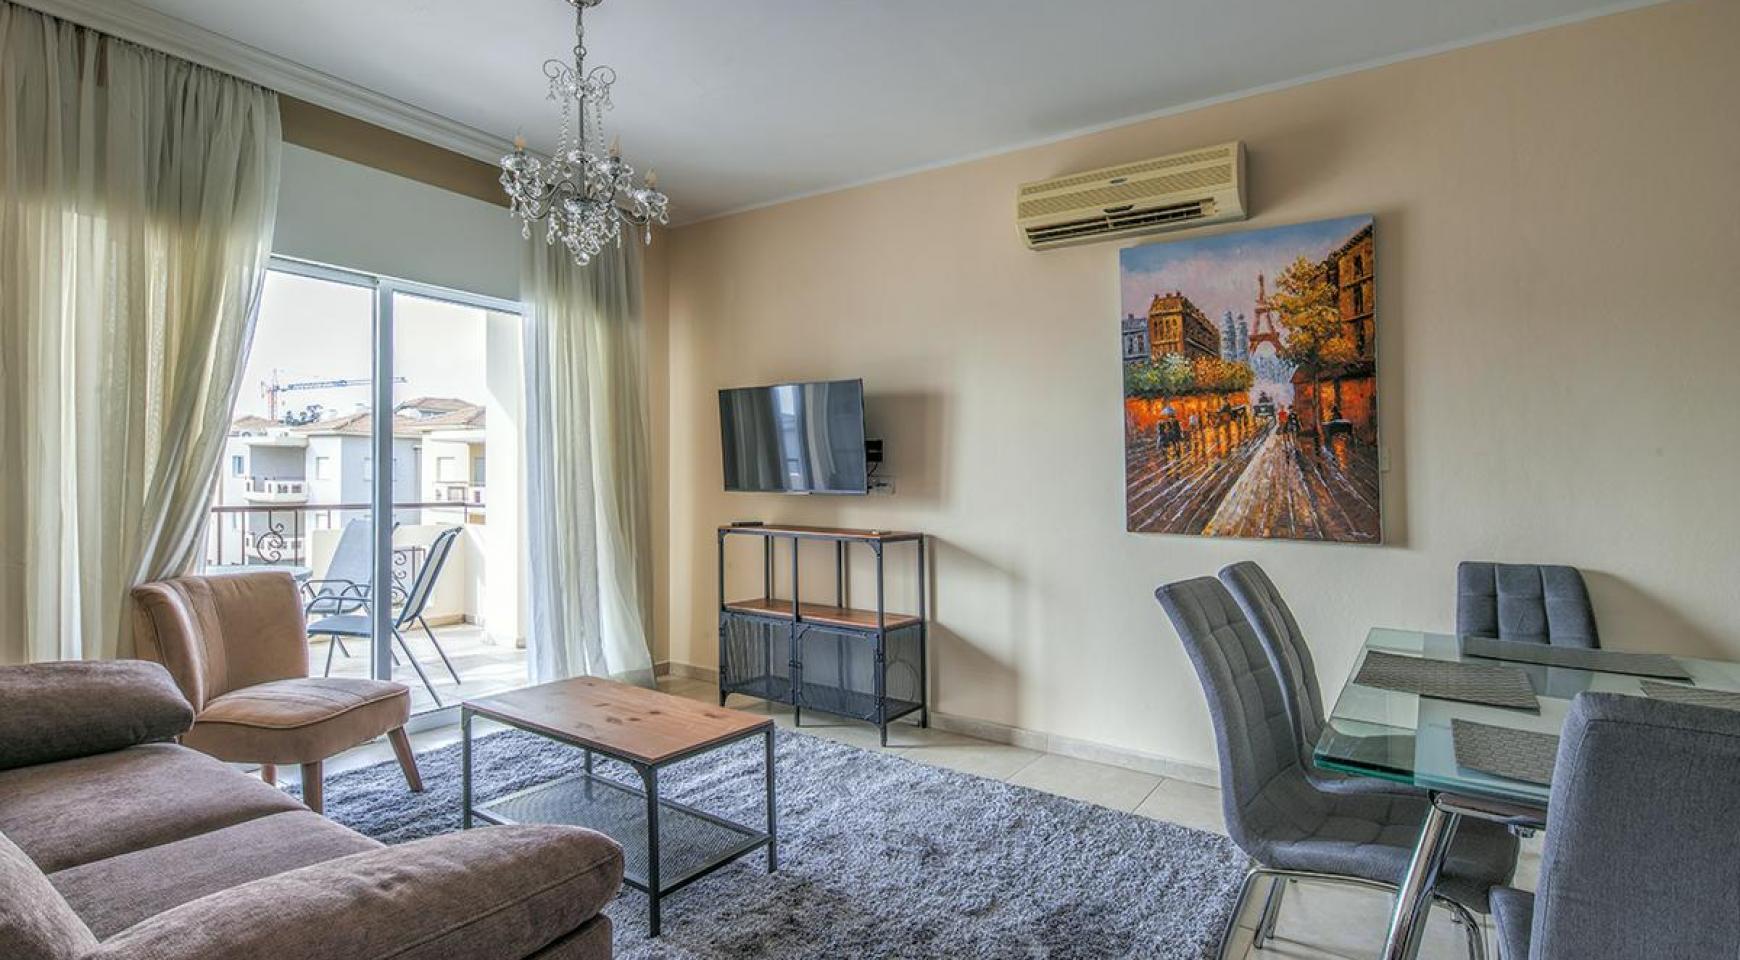 """2-Спальная Квартира - Люкс """"Mesogios Iris 301"""" в Туристической Зоне возле Моря - 1"""